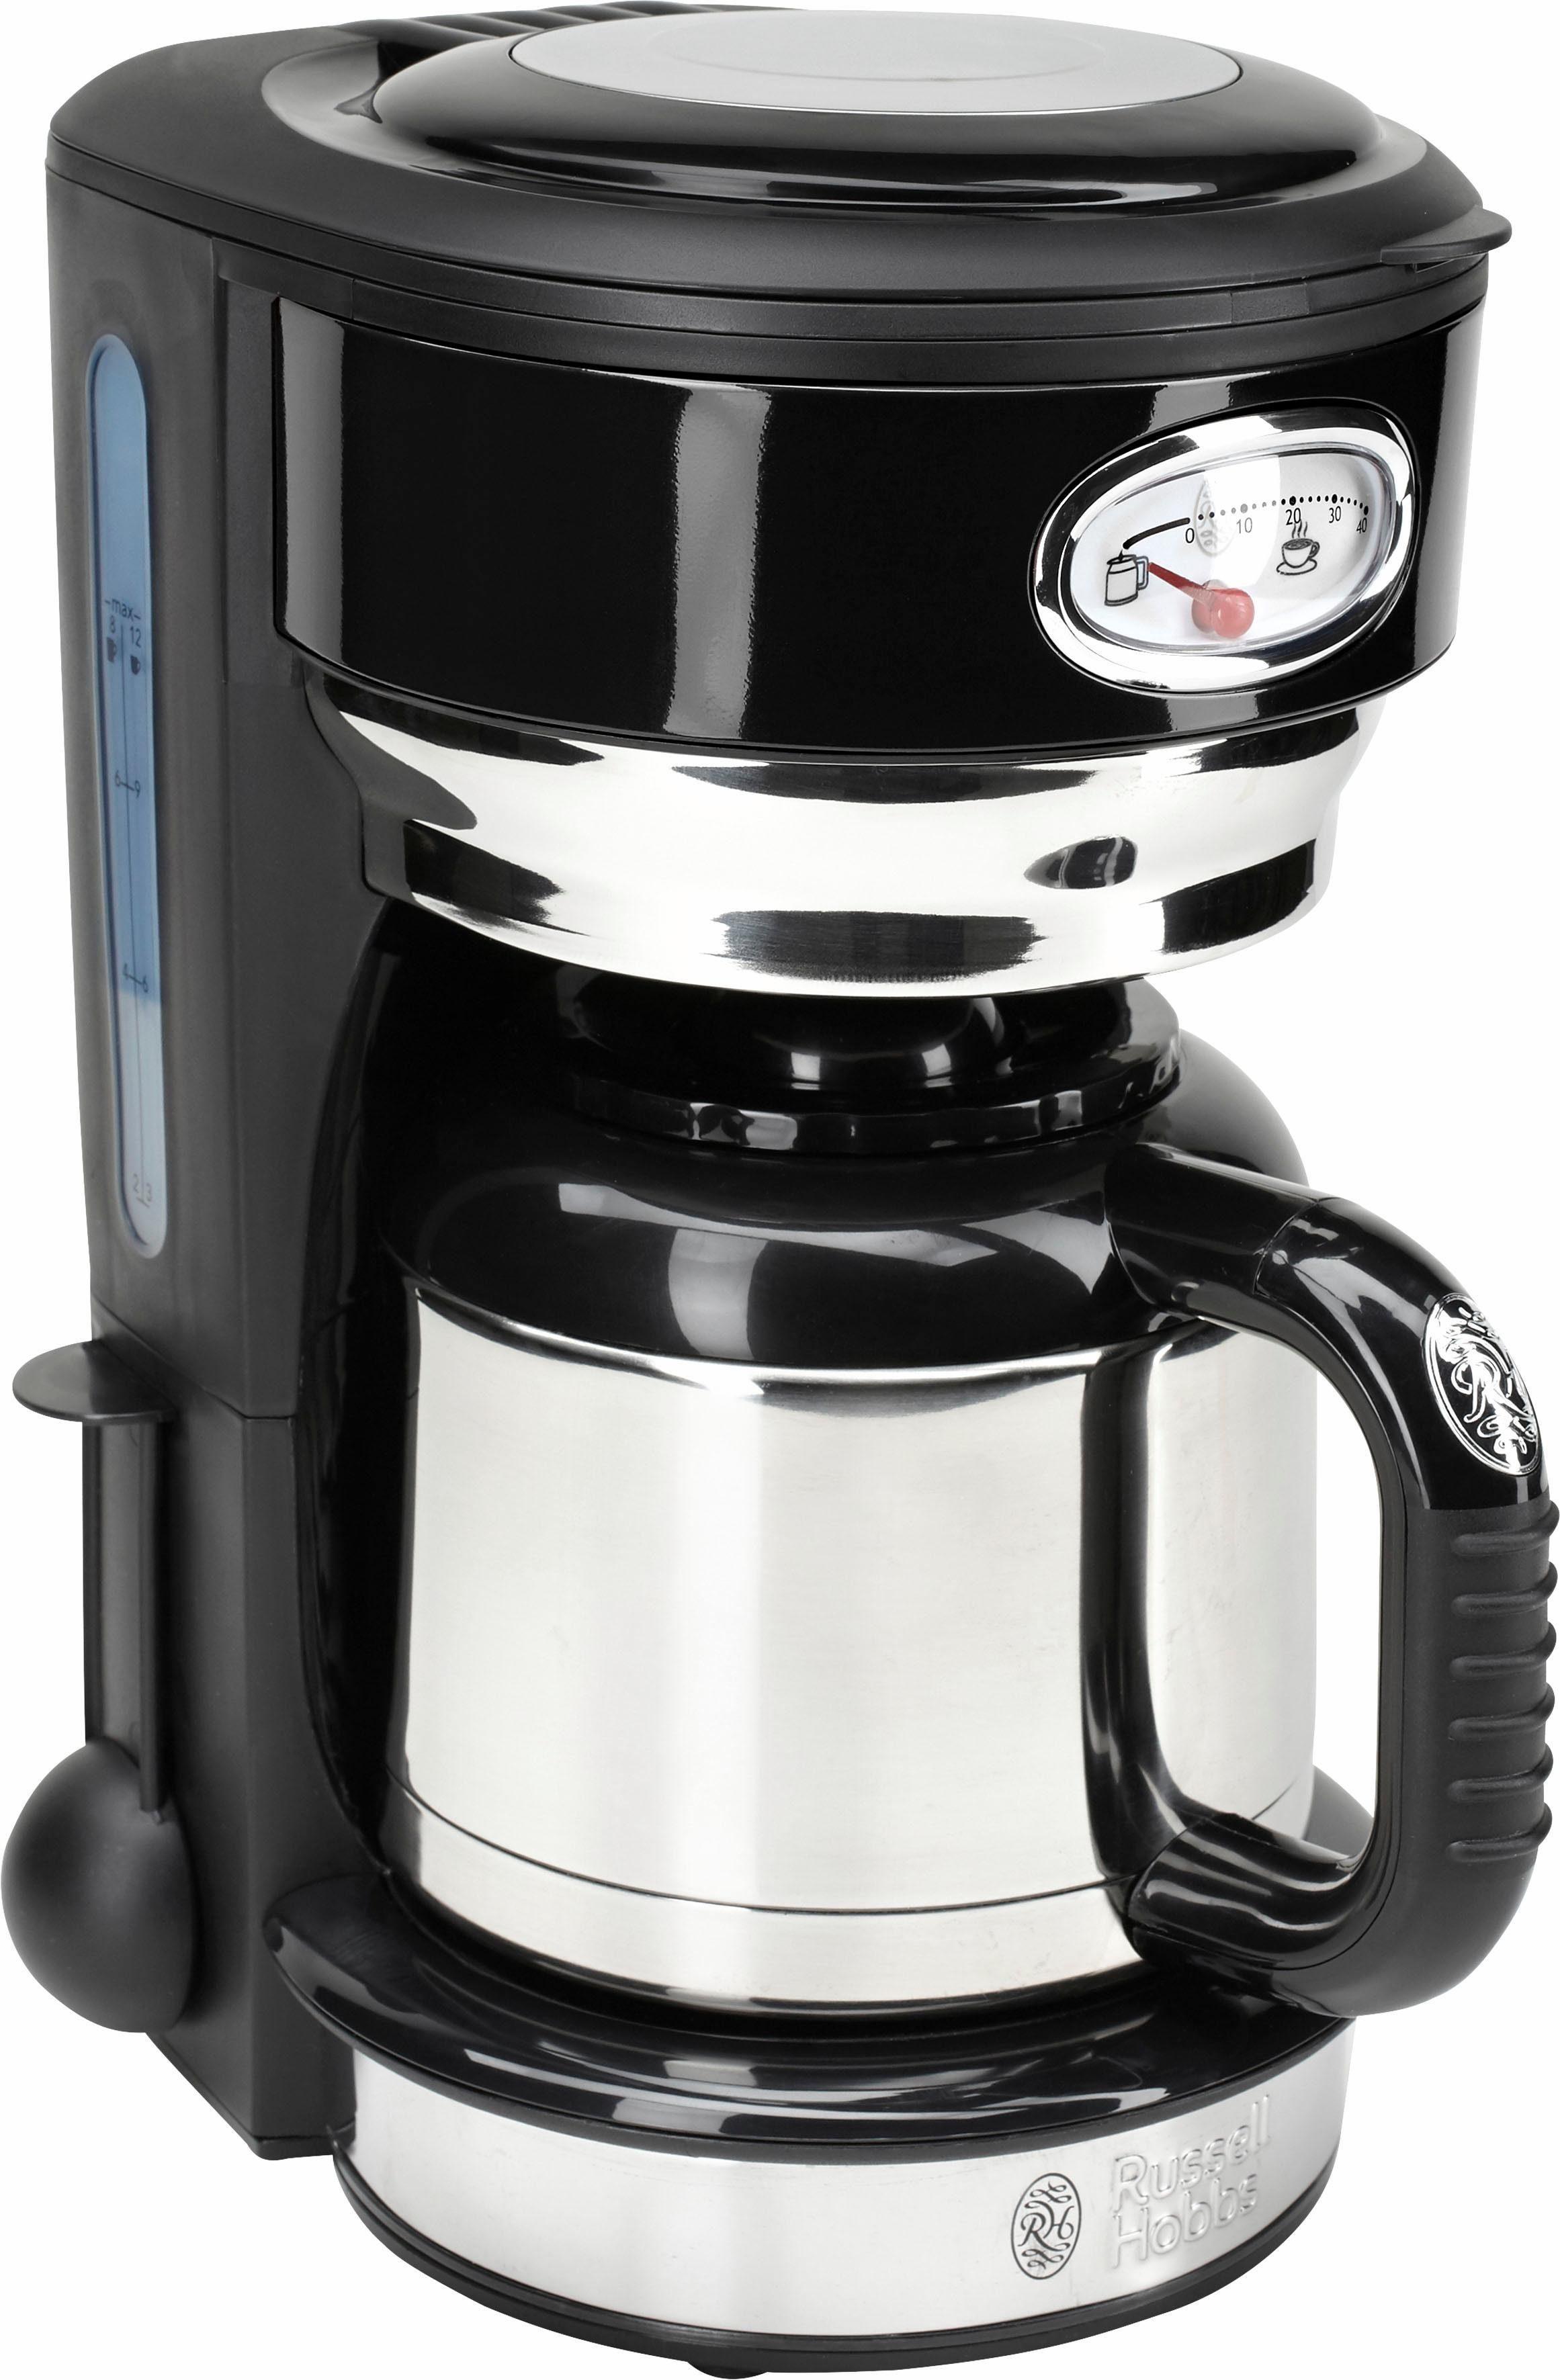 RUSSELL HOBBS Filterkaffeemaschine Retro 21711-56, 1l Kaffeekanne, Papierfilter 1x4, mit Retro-Brühanzeige